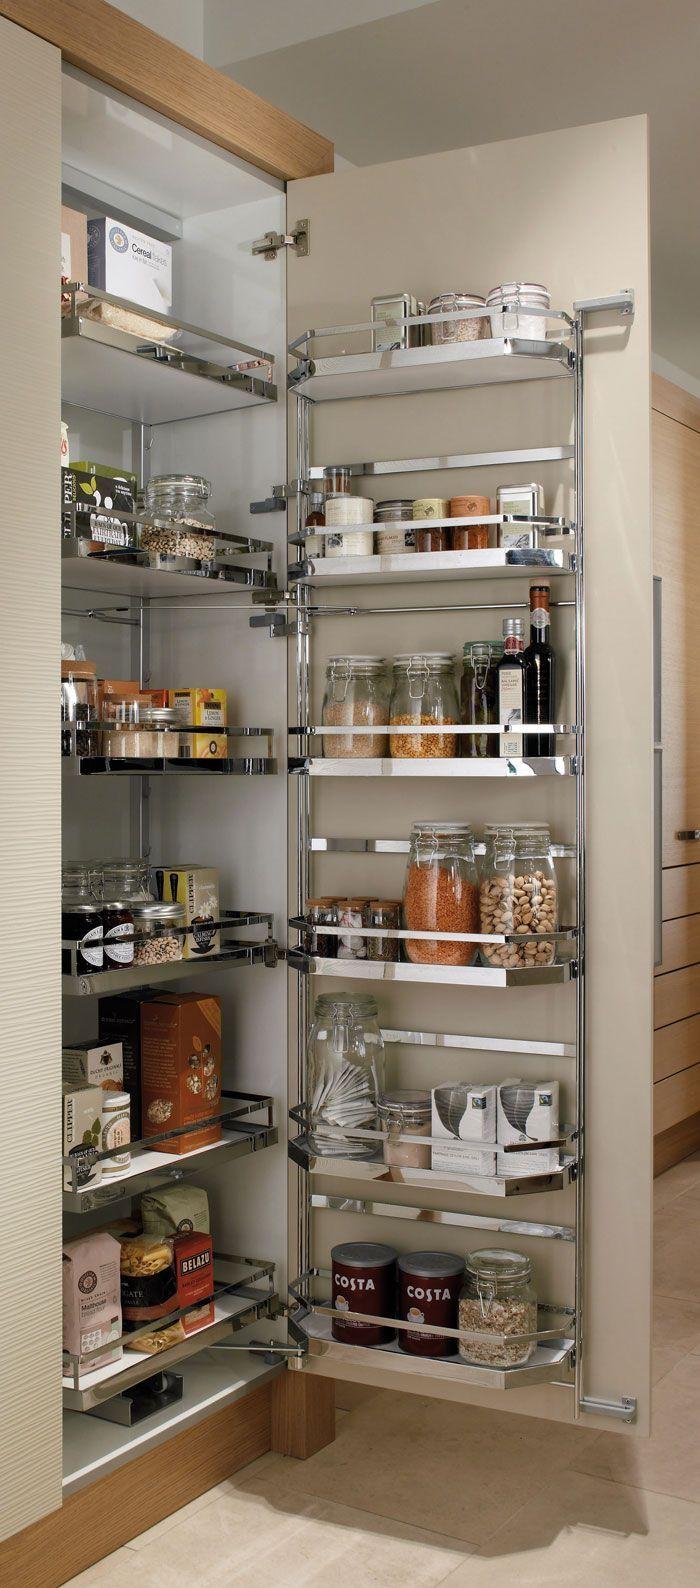 Kitchen Storage Idea Good Foodi Guide